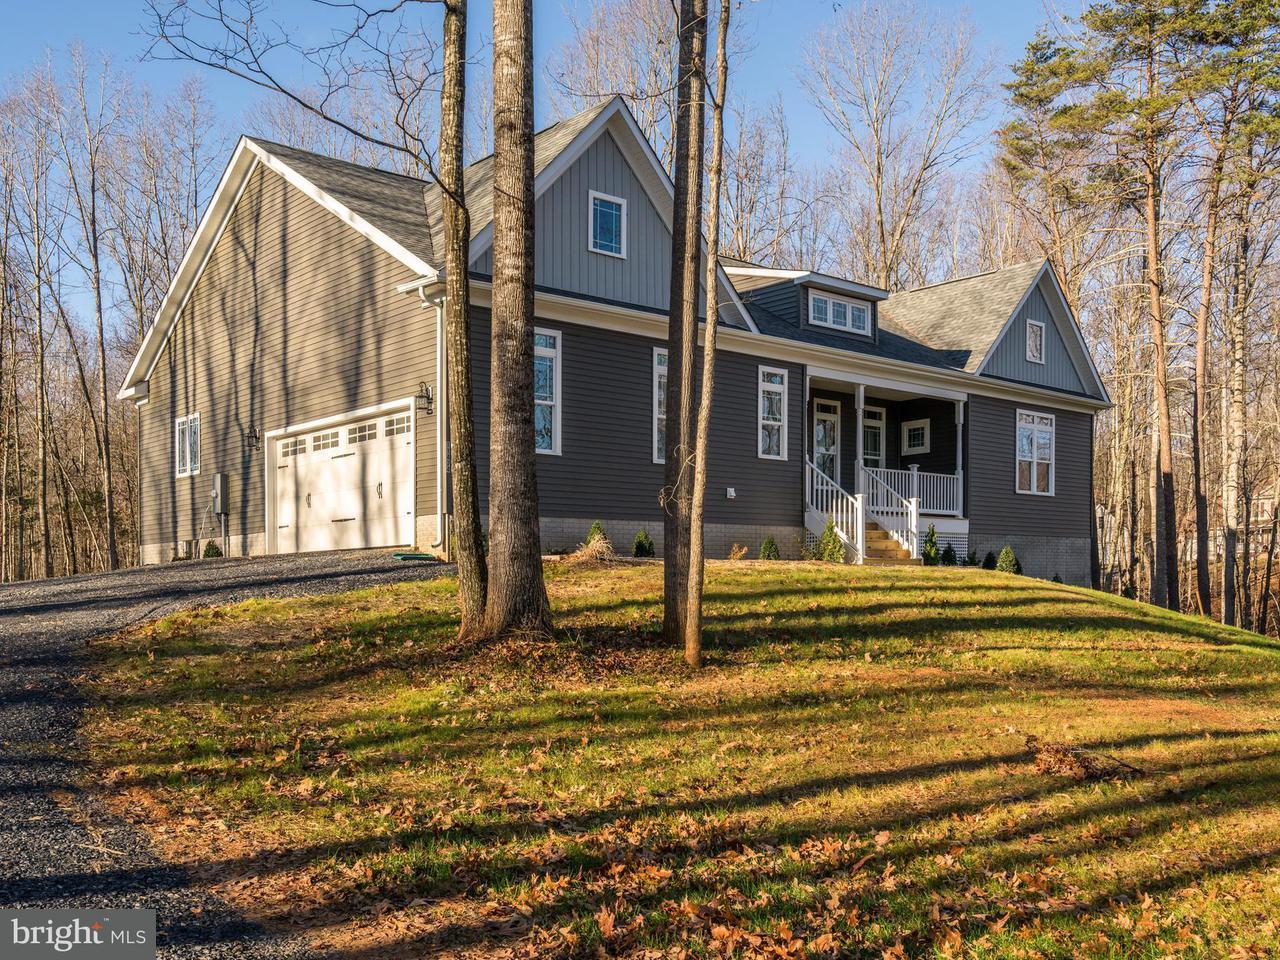 Casa Unifamiliar por un Venta en 11474 DUTCH HOLLOW Road 11474 DUTCH HOLLOW Road Culpeper, Virginia 22701 Estados Unidos